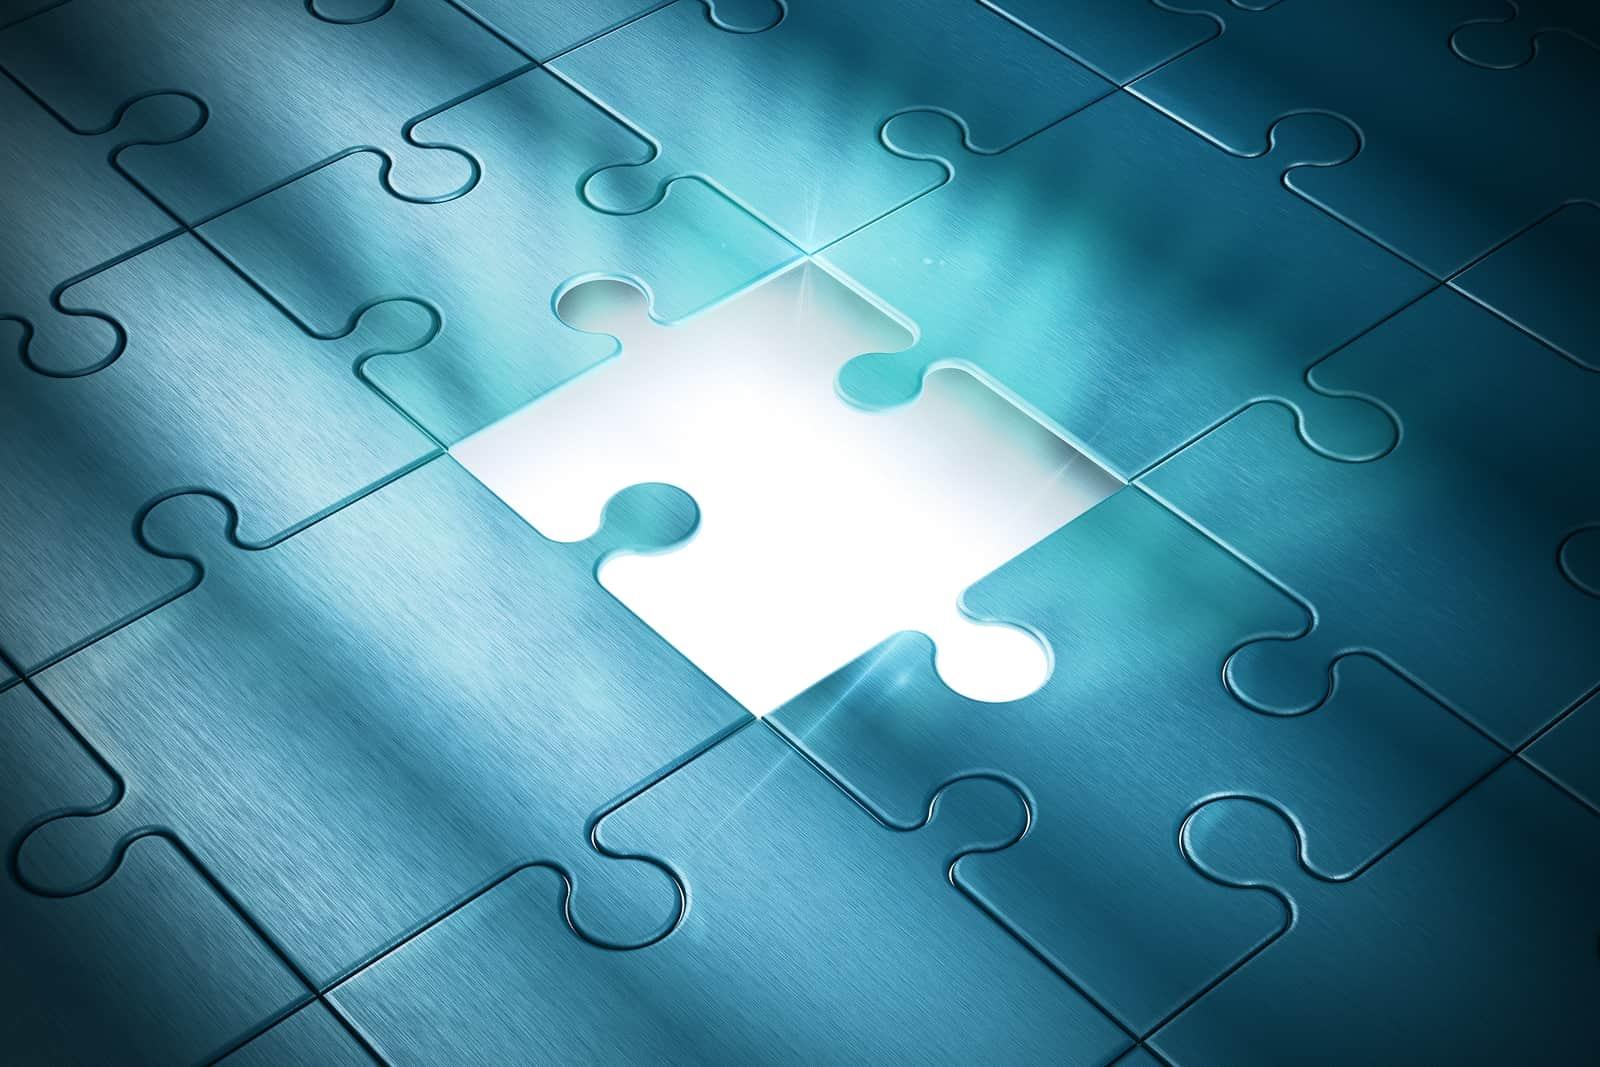 Egyedi-szoftverfejlesztés-nagyvállalatok-középválllaltok-bankok-pénzintézetek-részére